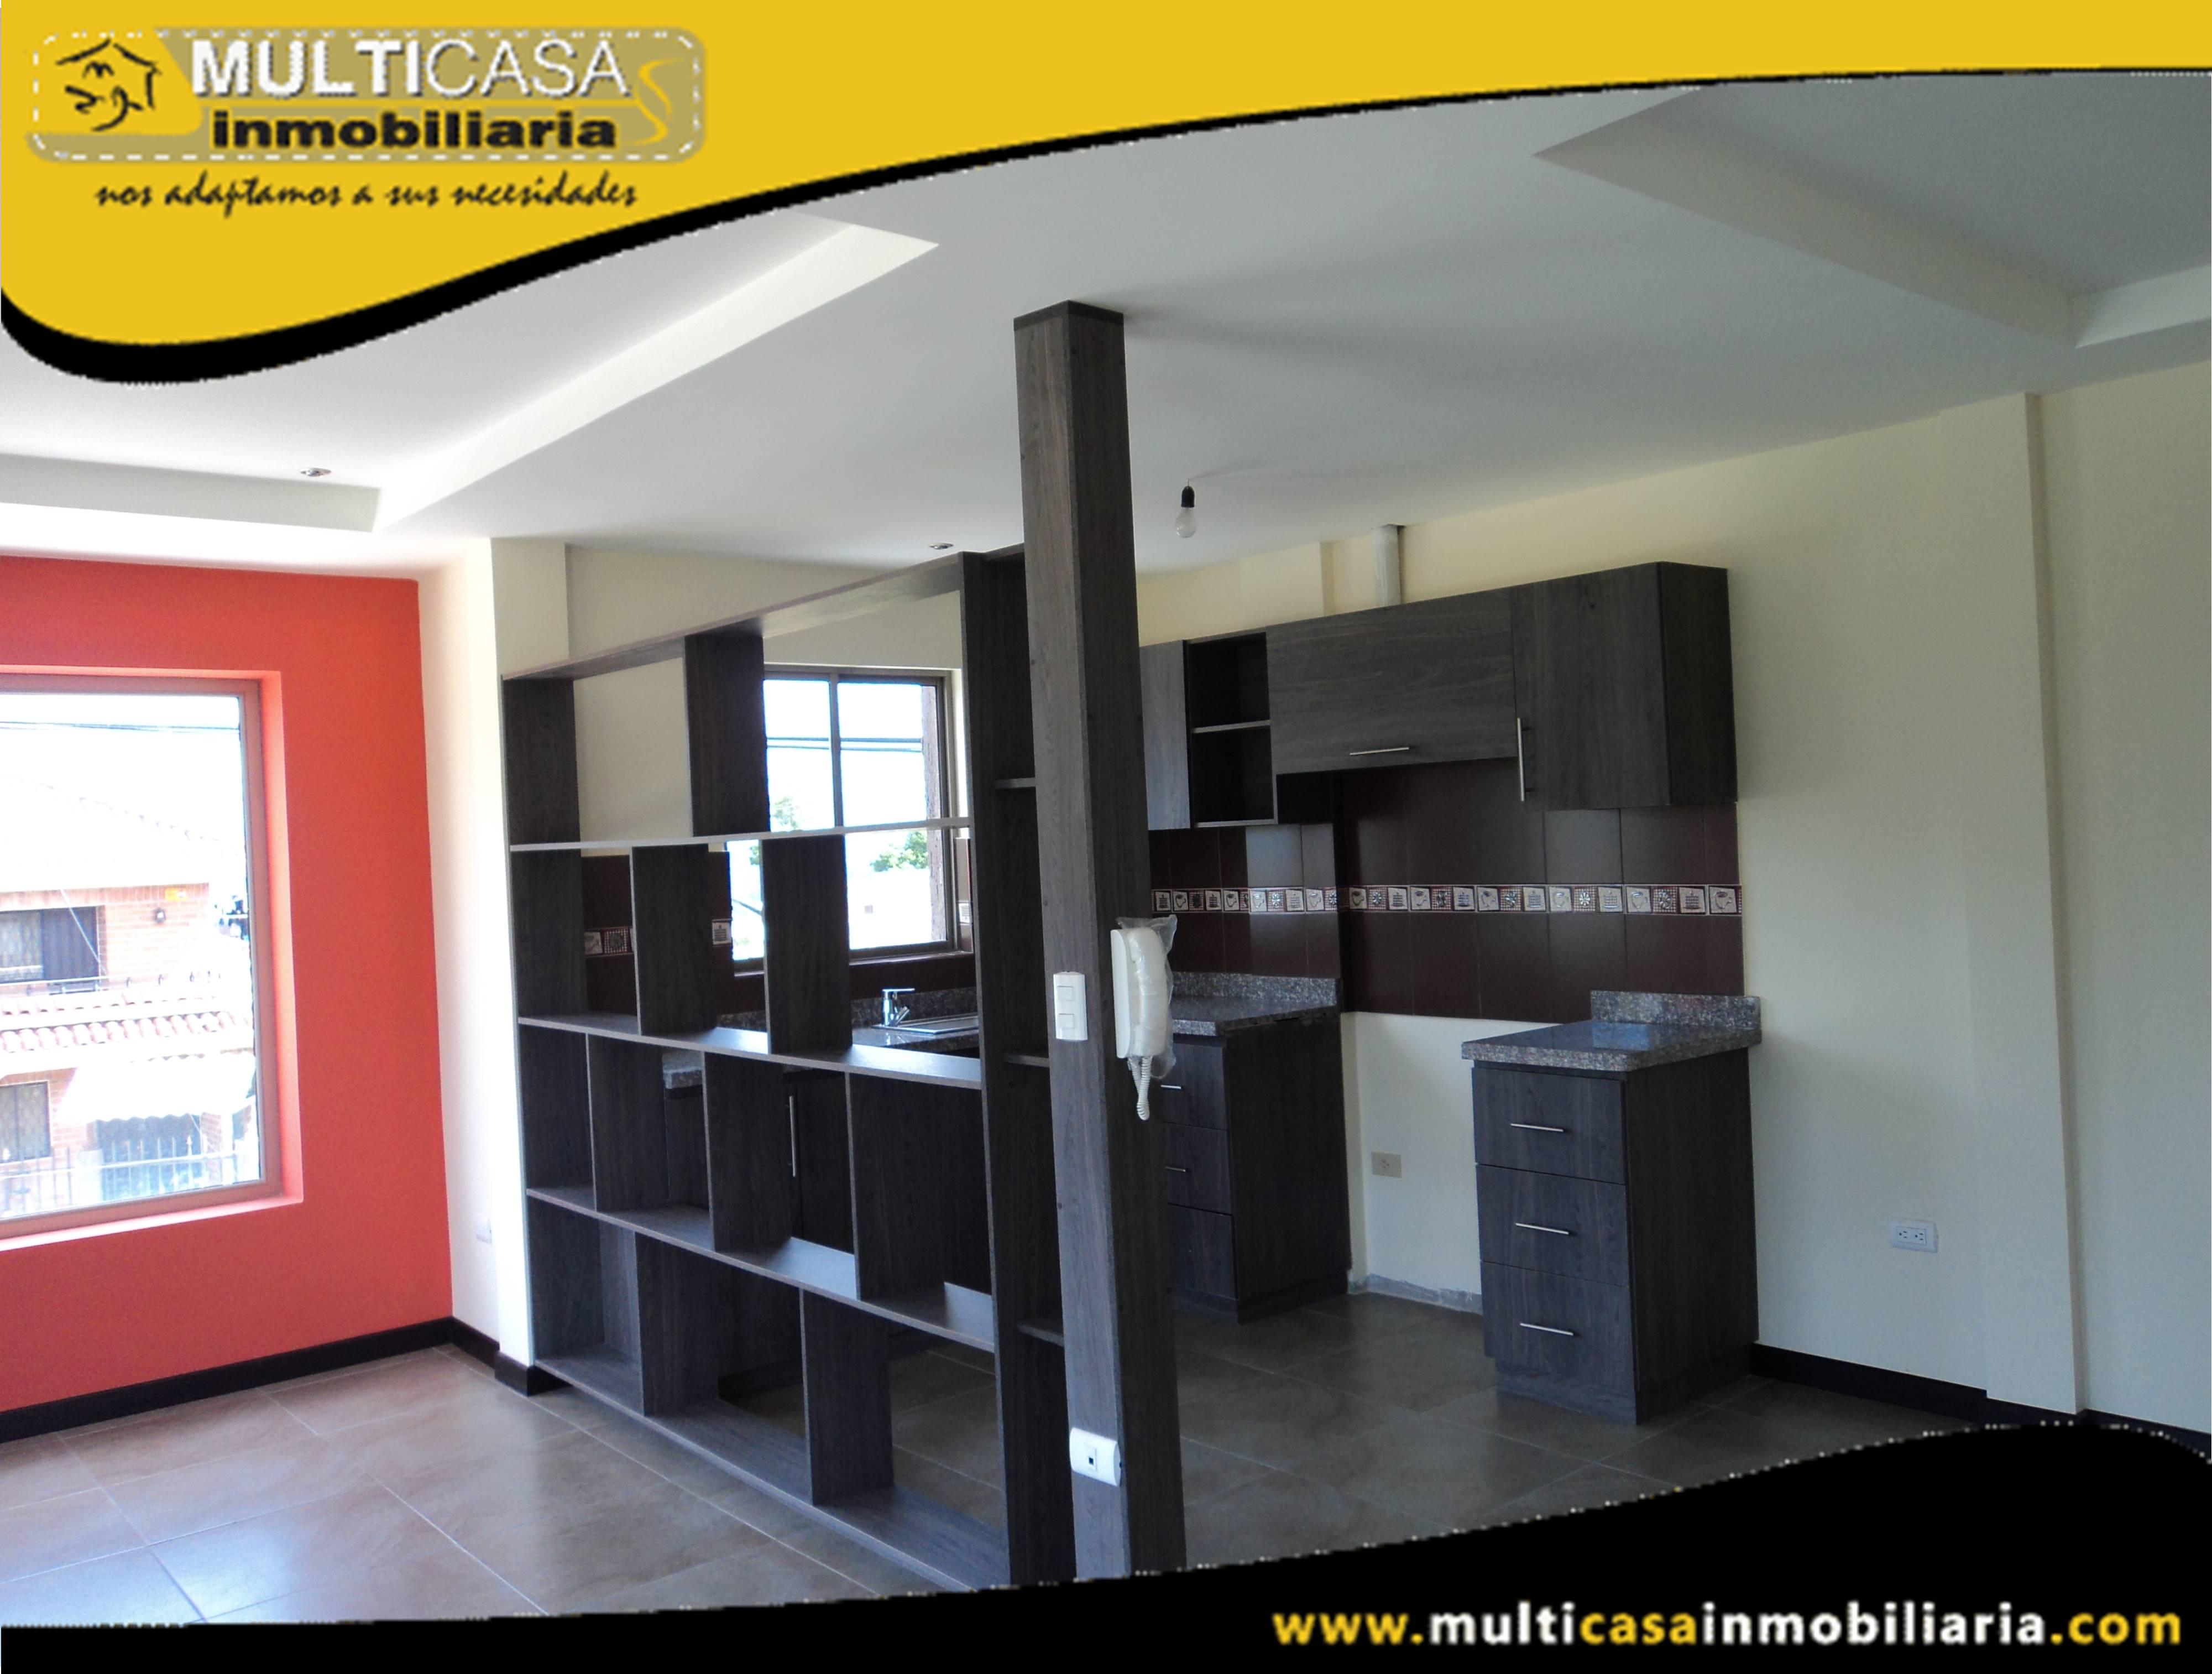 Venta de Hermosa Casa Comercial de Tres Departamentos a crédito con garaje para tres vehículos Sector Racar Cuenca – Ecuador <br>